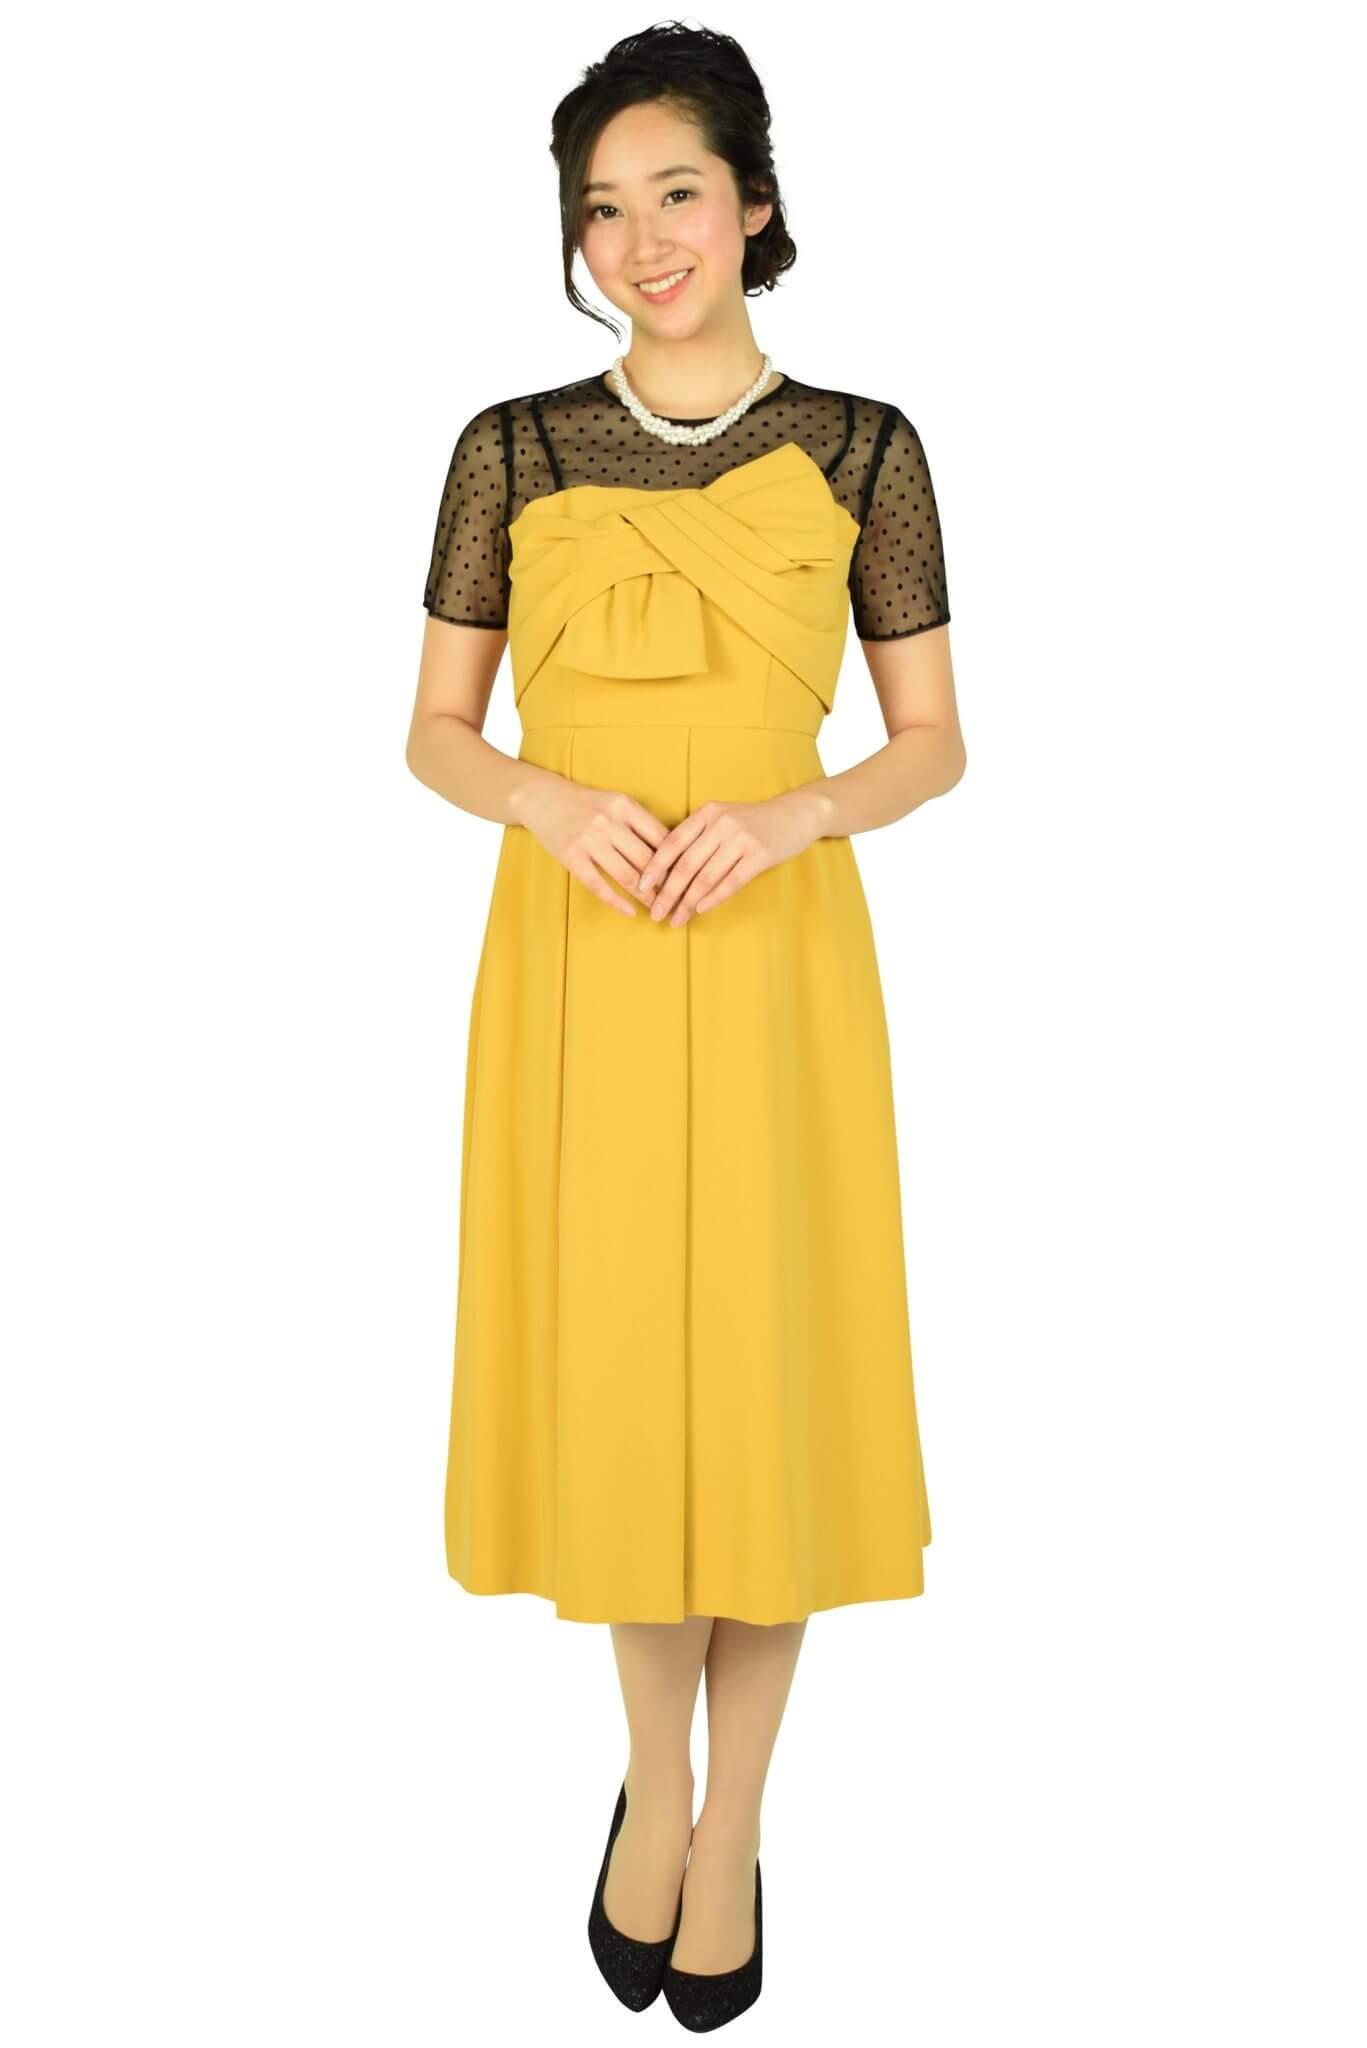 ダイアグラム(DIAGRAM)グレースコンチネンタル 袖付きドットレースマスタードドレス